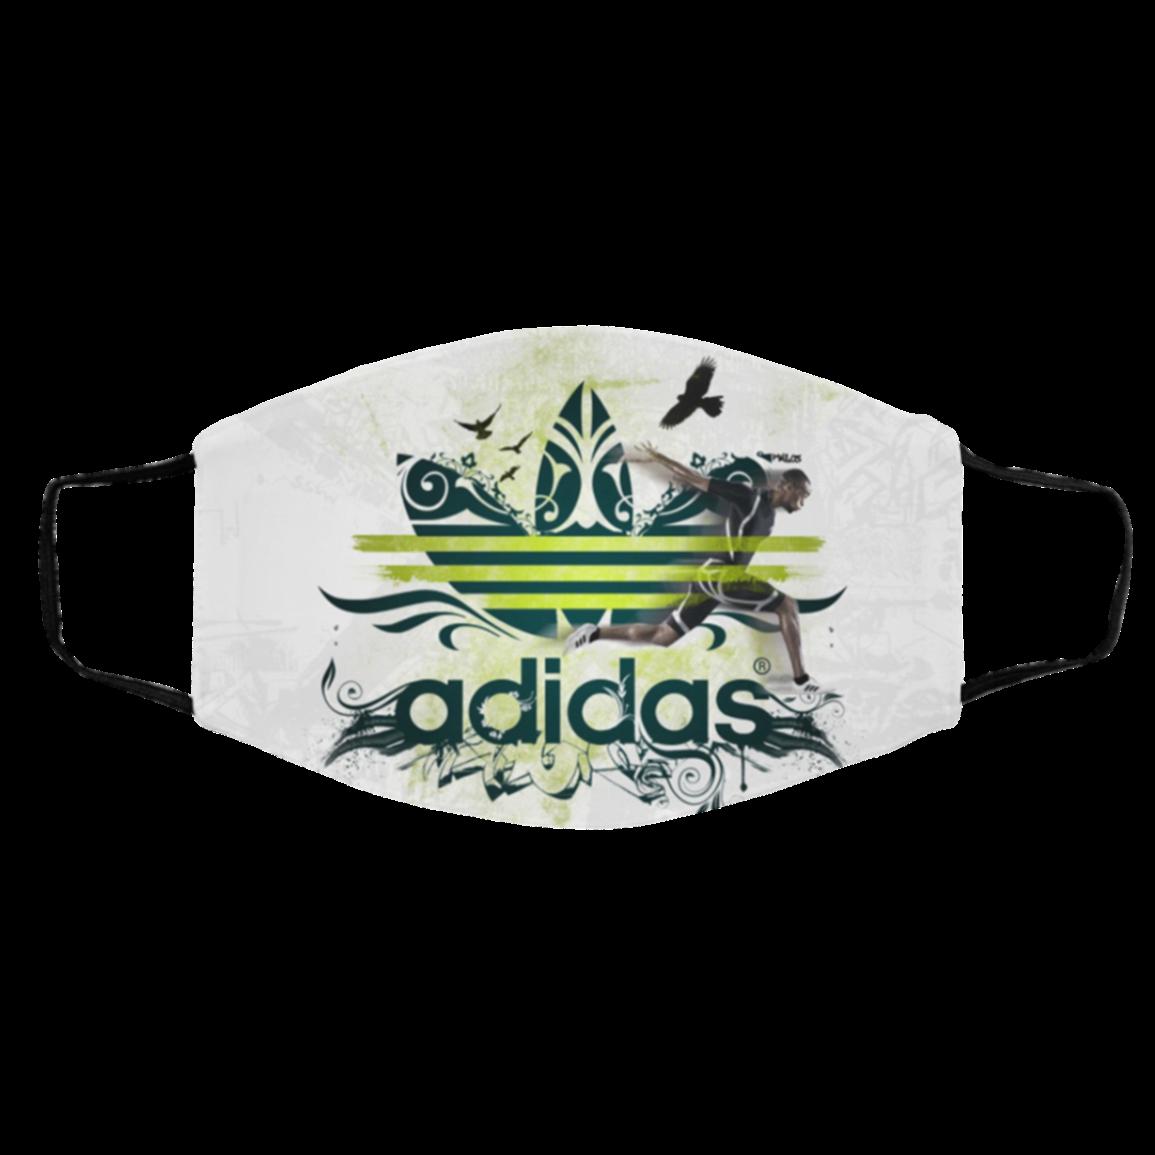 Ad-id-as Cloth Face Mask – ad-idas Logo Face Mask